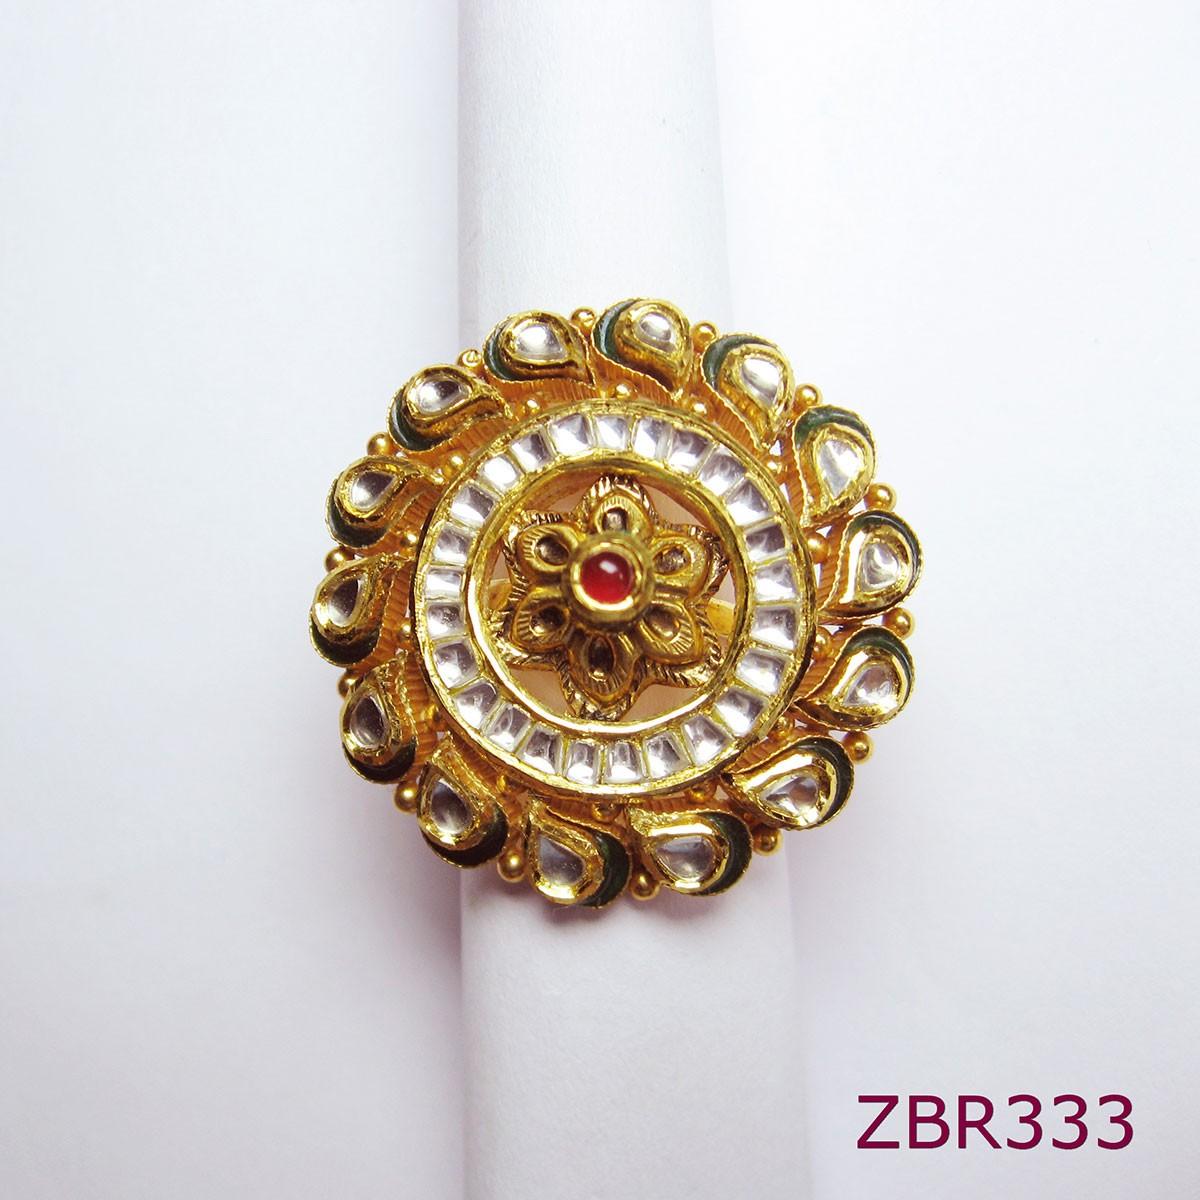 ZBR333